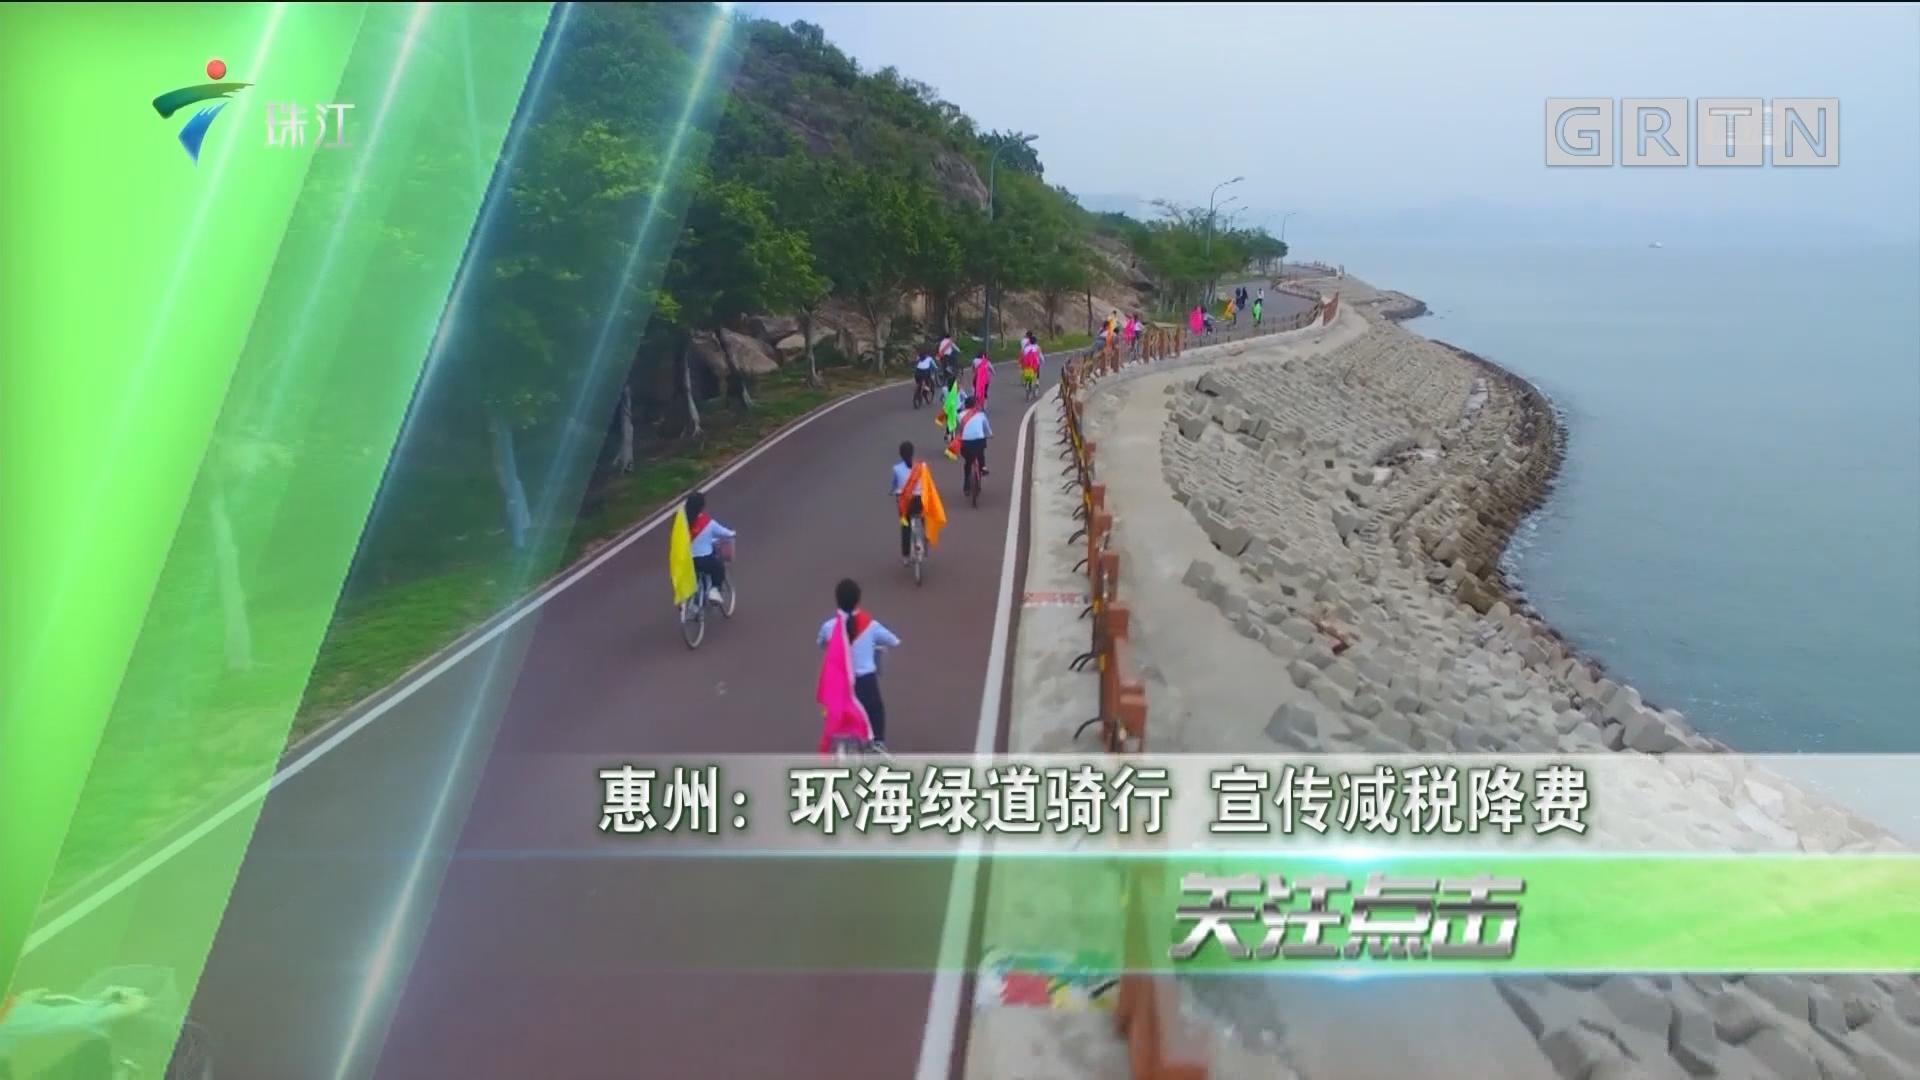 惠州:环海绿道骑行 宣传减税降费